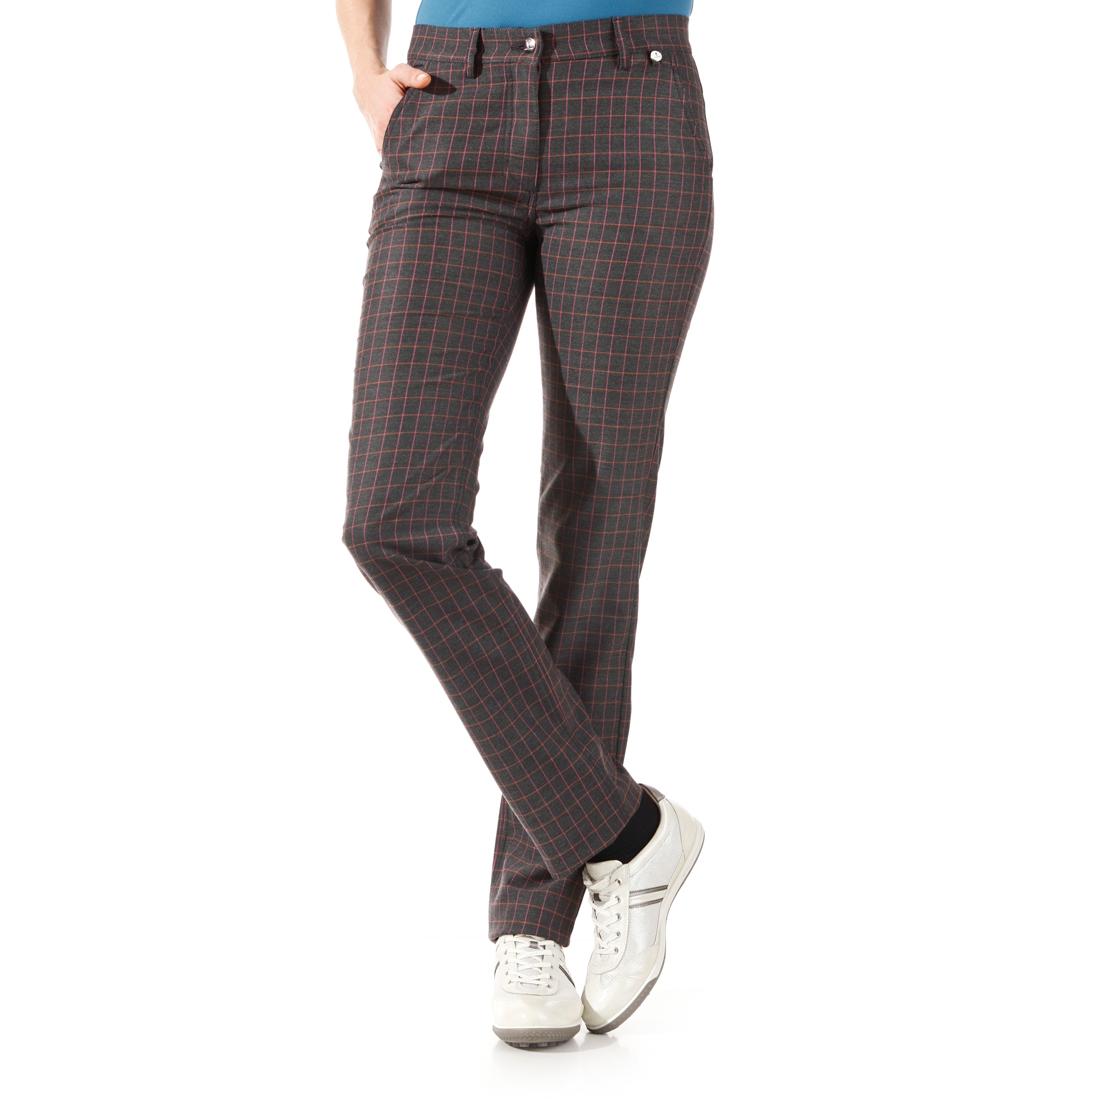 Damen Karo-Golfhose aus Stretch-Material